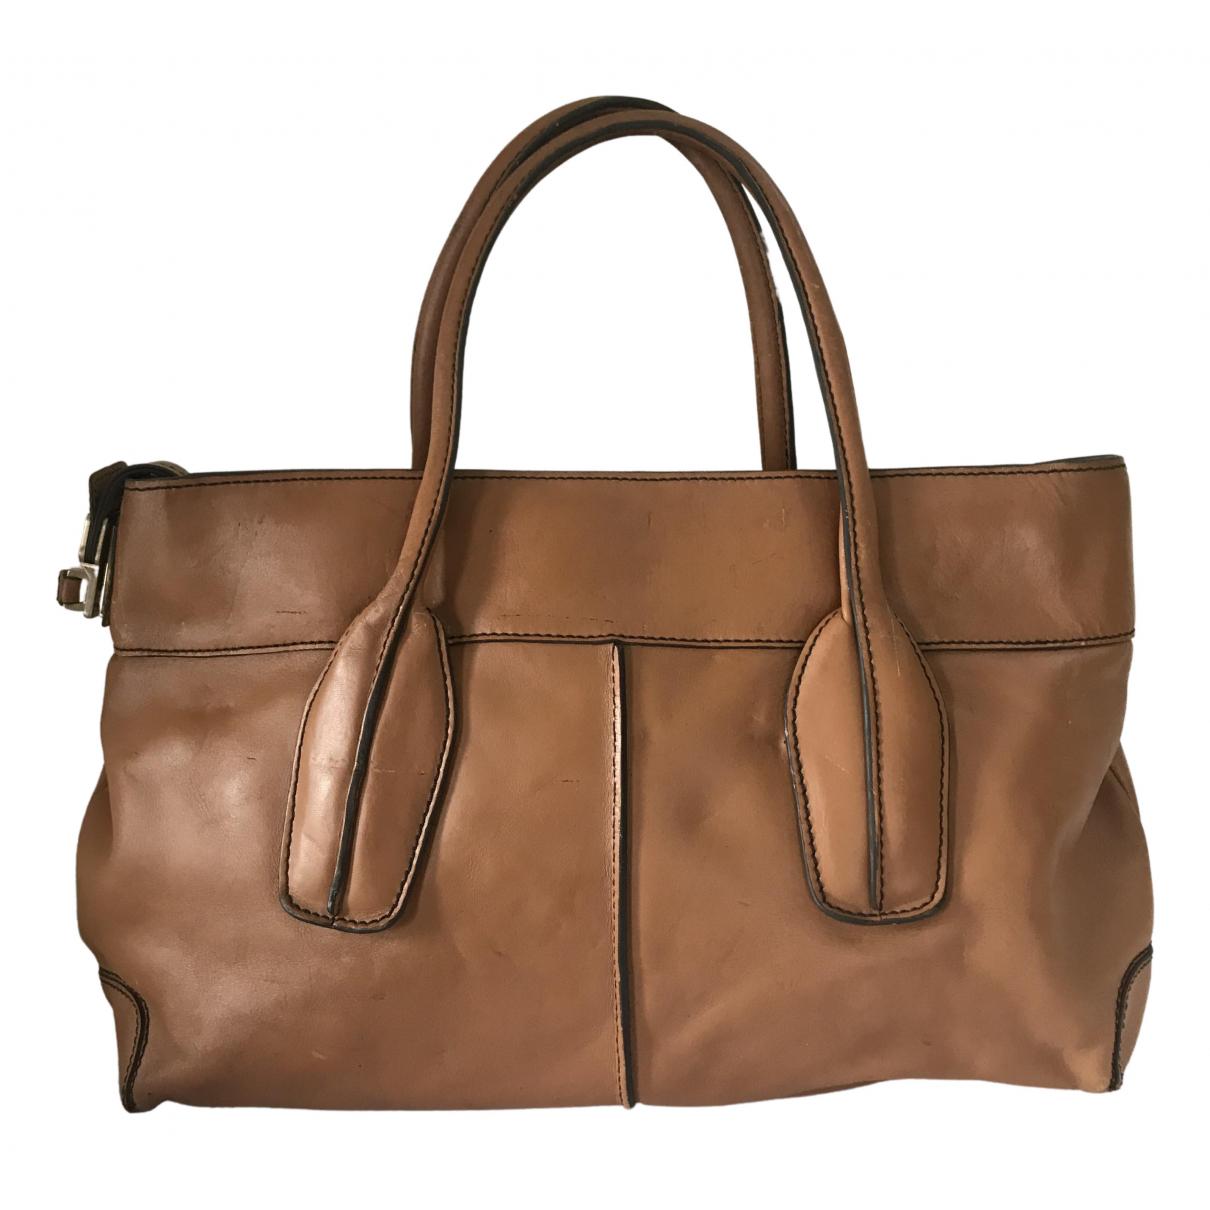 Tods - Sac a main   pour femme en cuir - marron